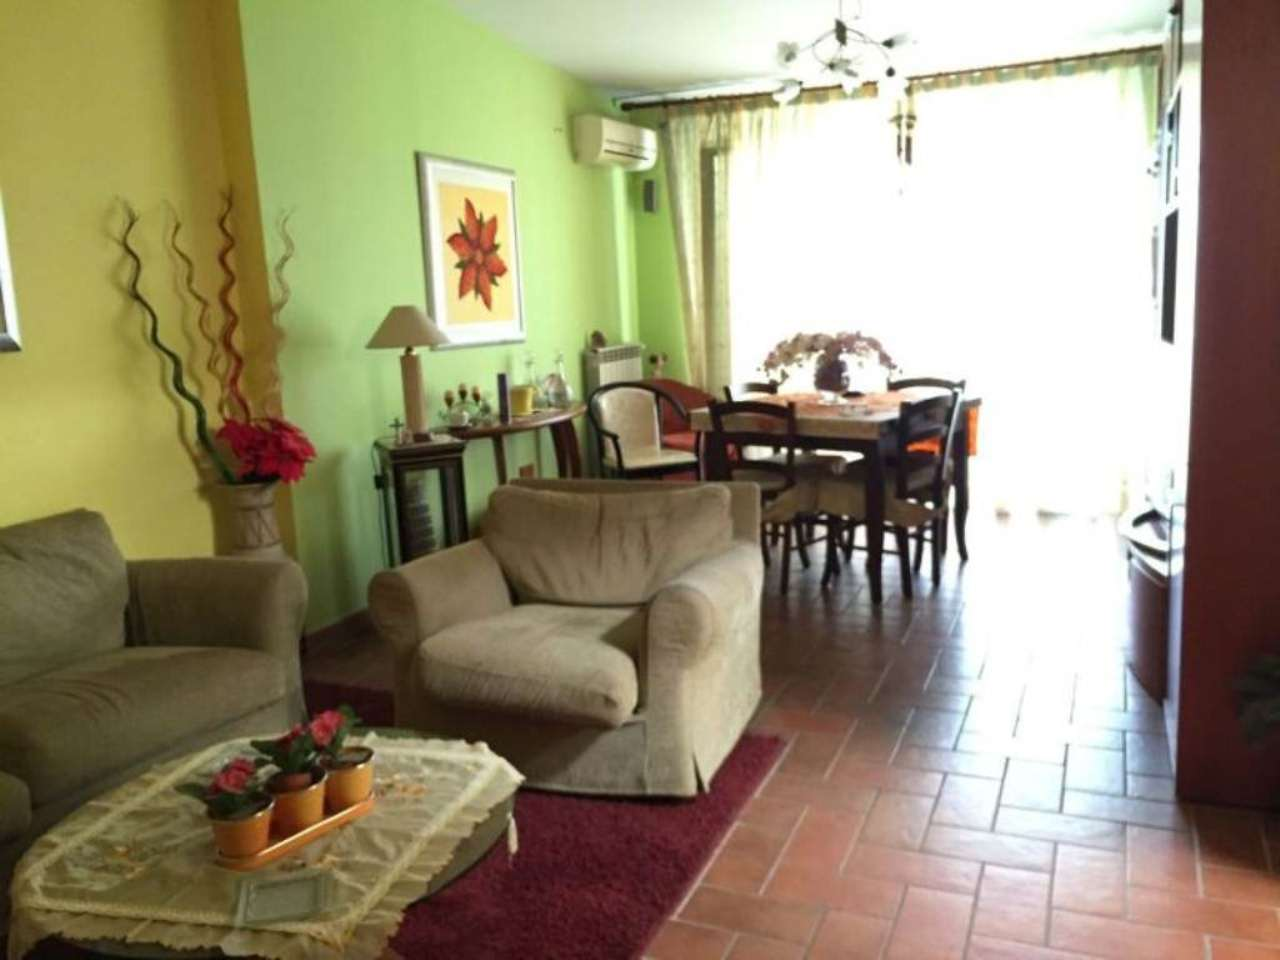 Attico / Mansarda in vendita a Pollena Trocchia, 3 locali, prezzo € 120.000 | Cambio Casa.it